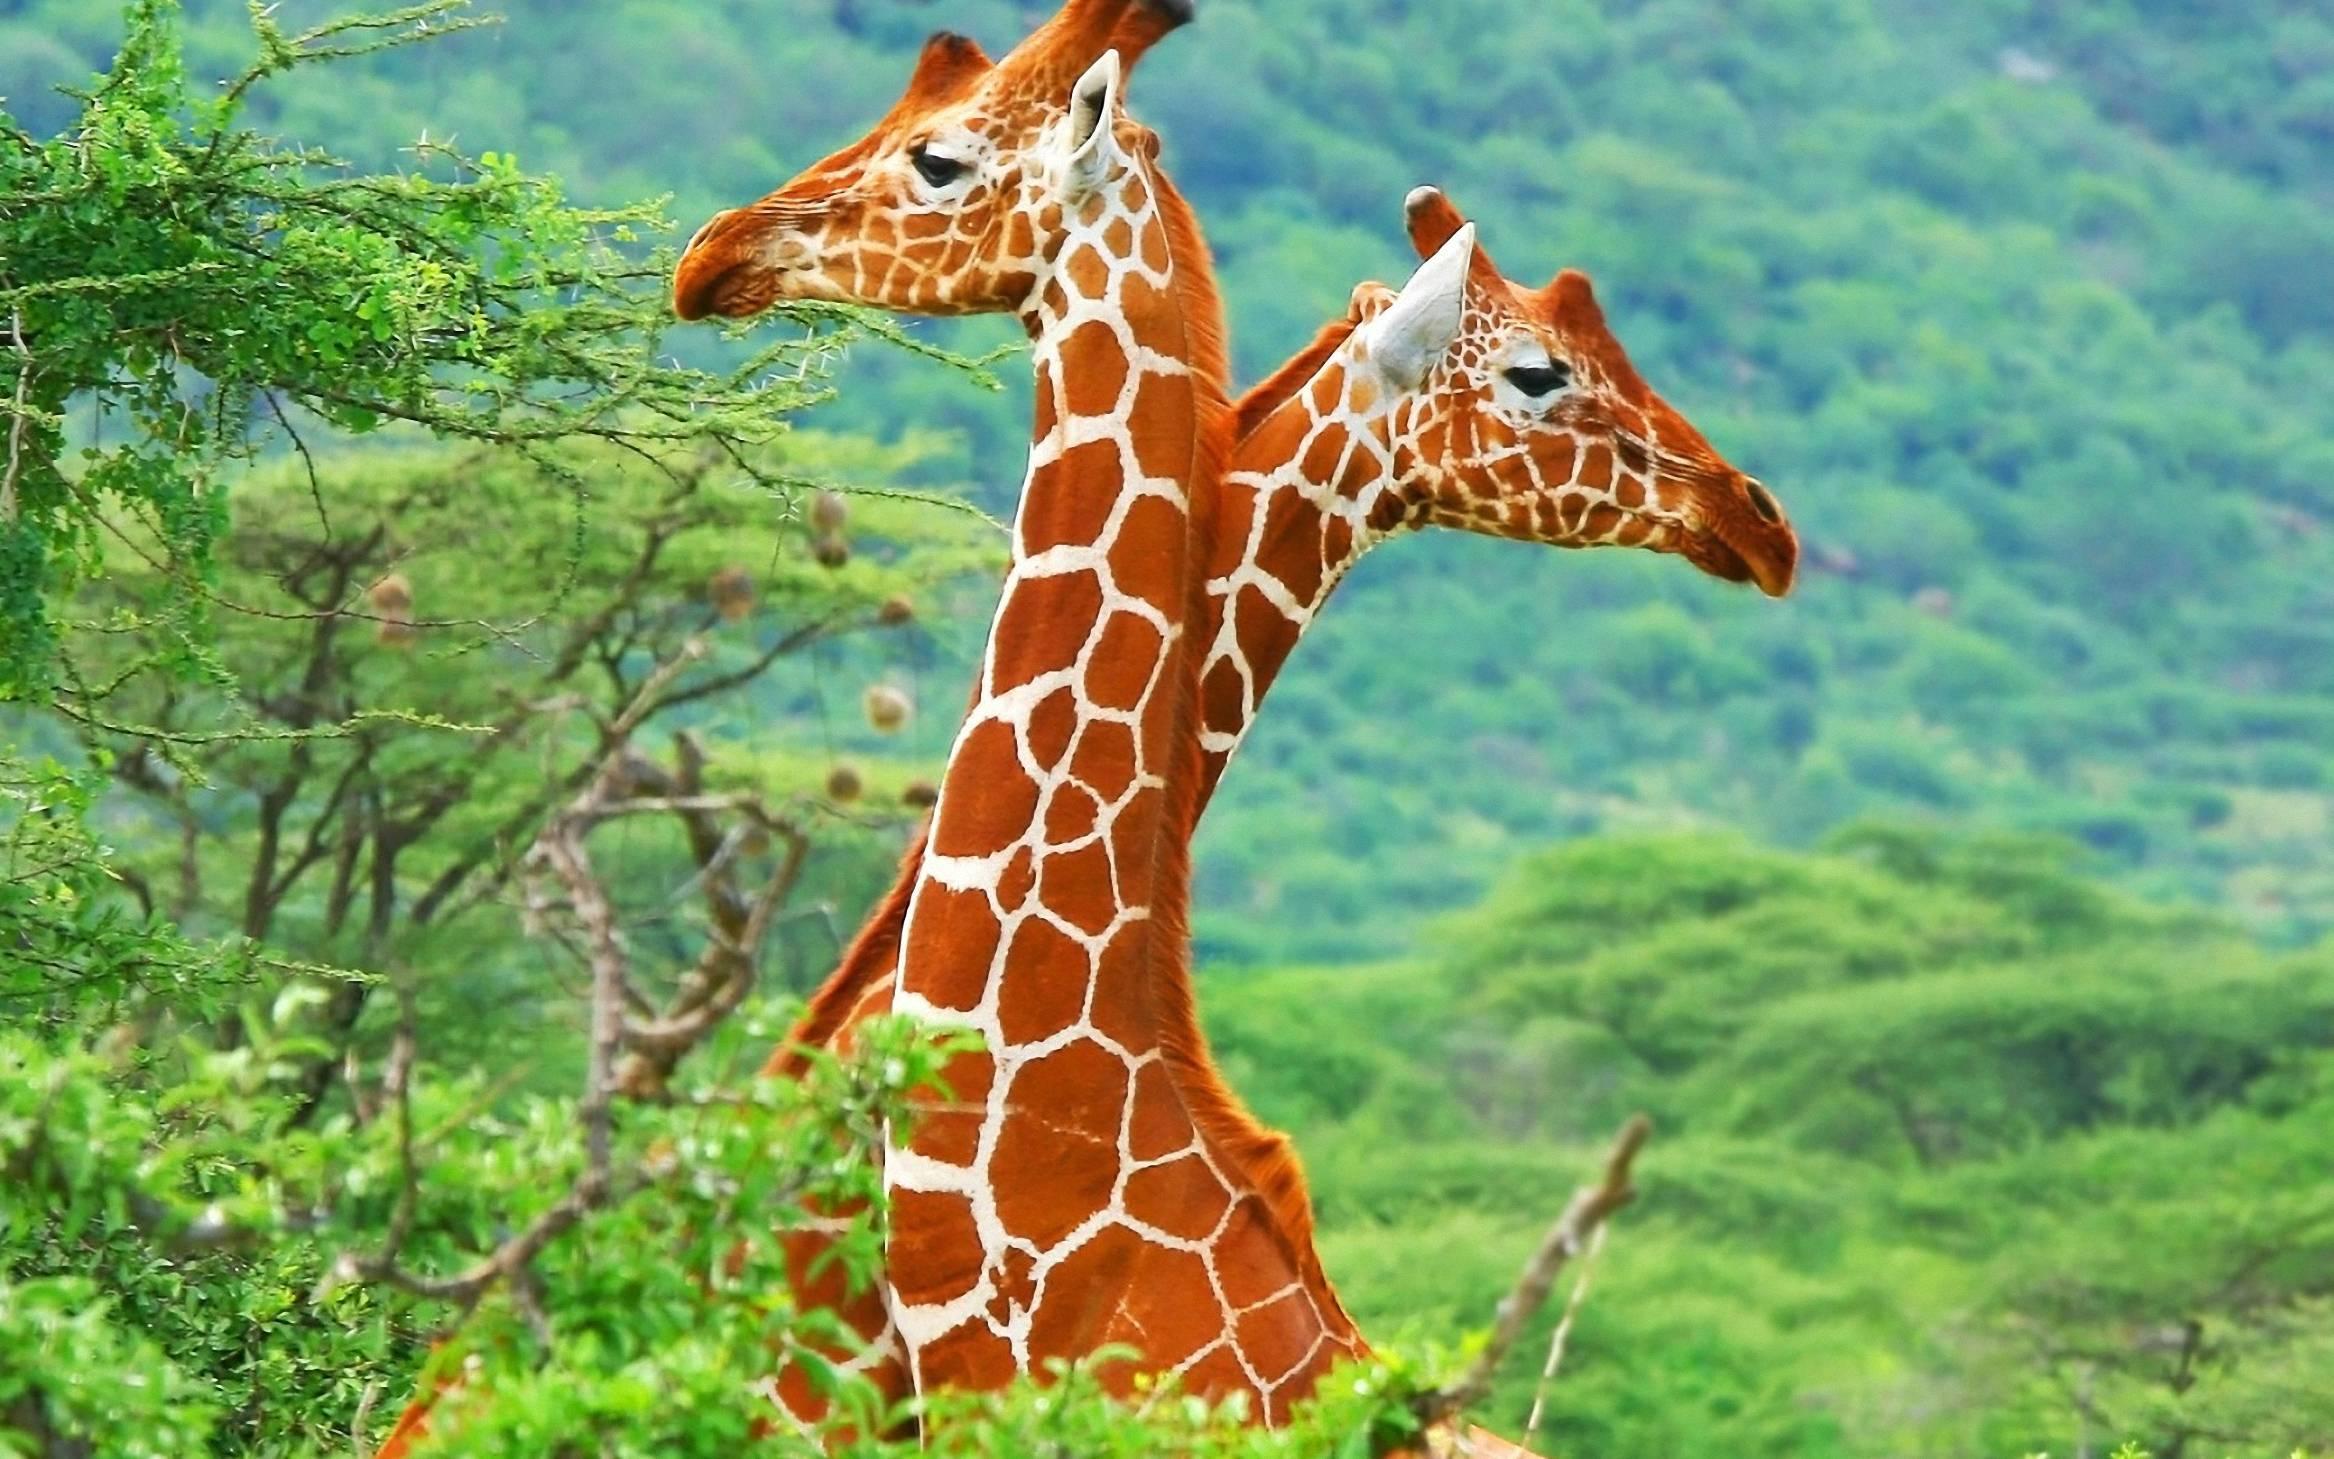 Giraffe Backgrounds - Wallpaper Cave